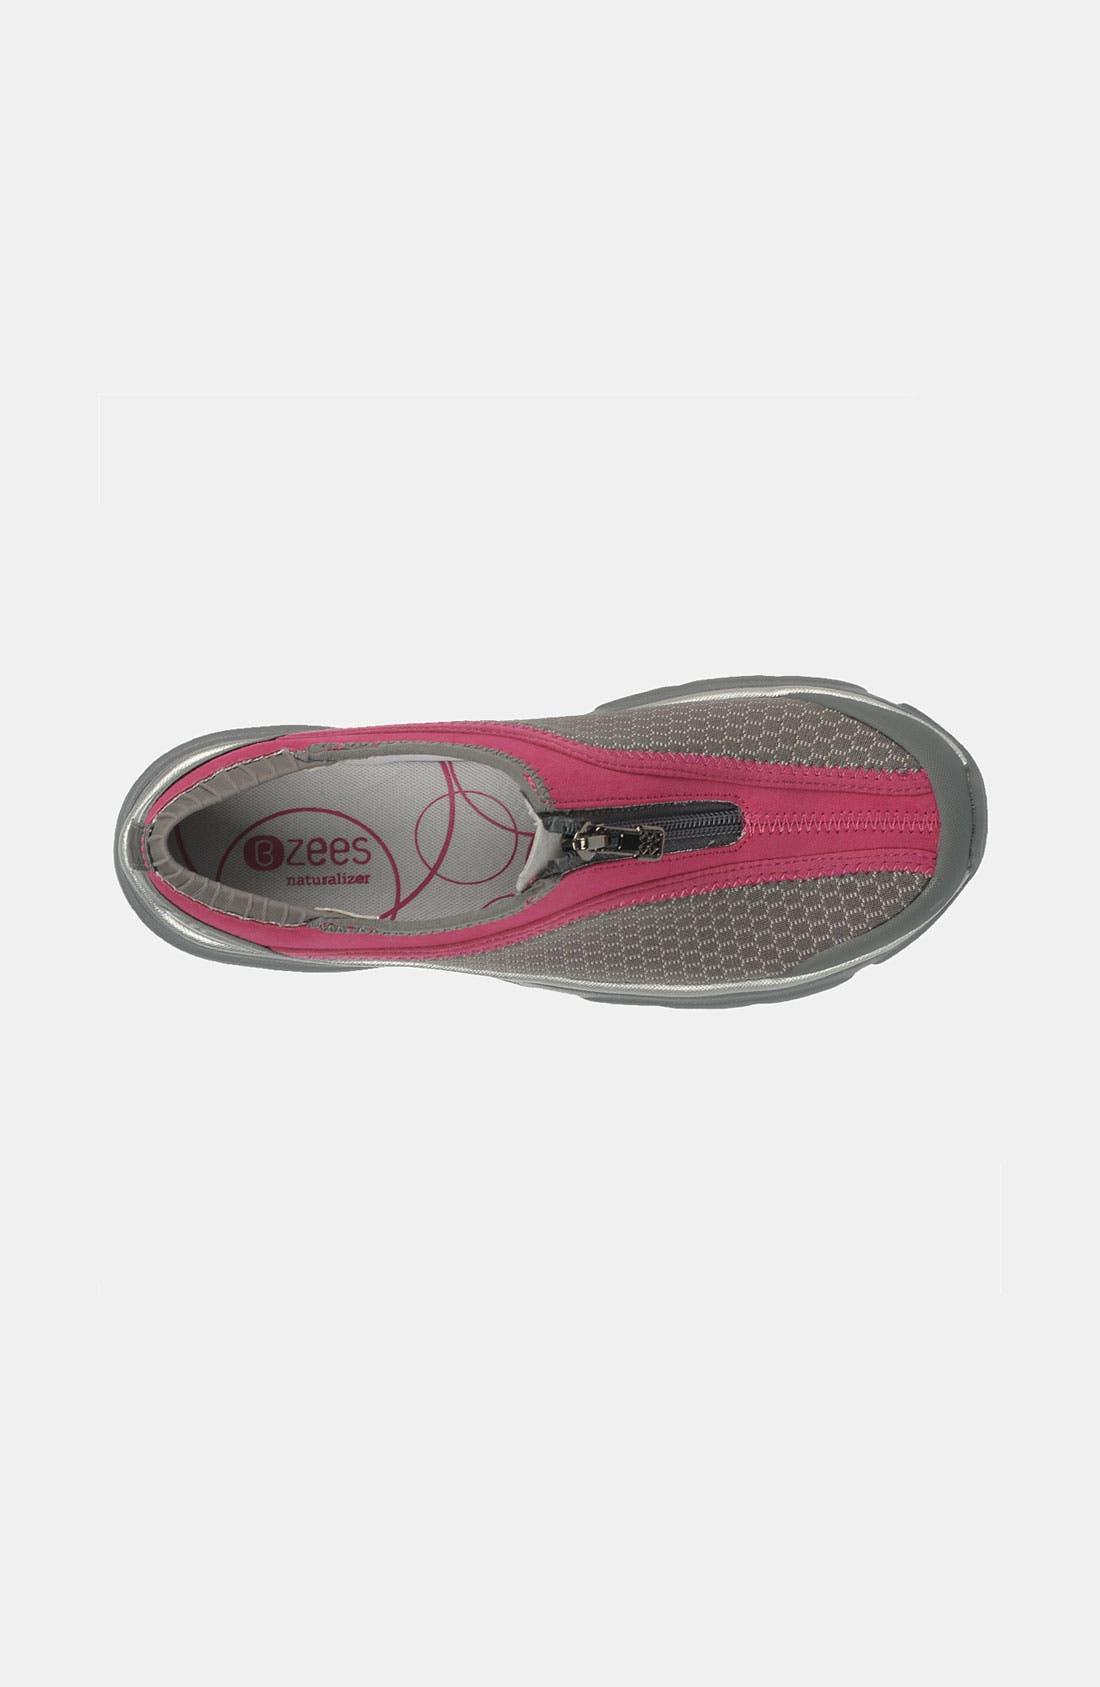 Alternate Image 3  - Naturalizer 'BZees - Drive In' Walking Shoe